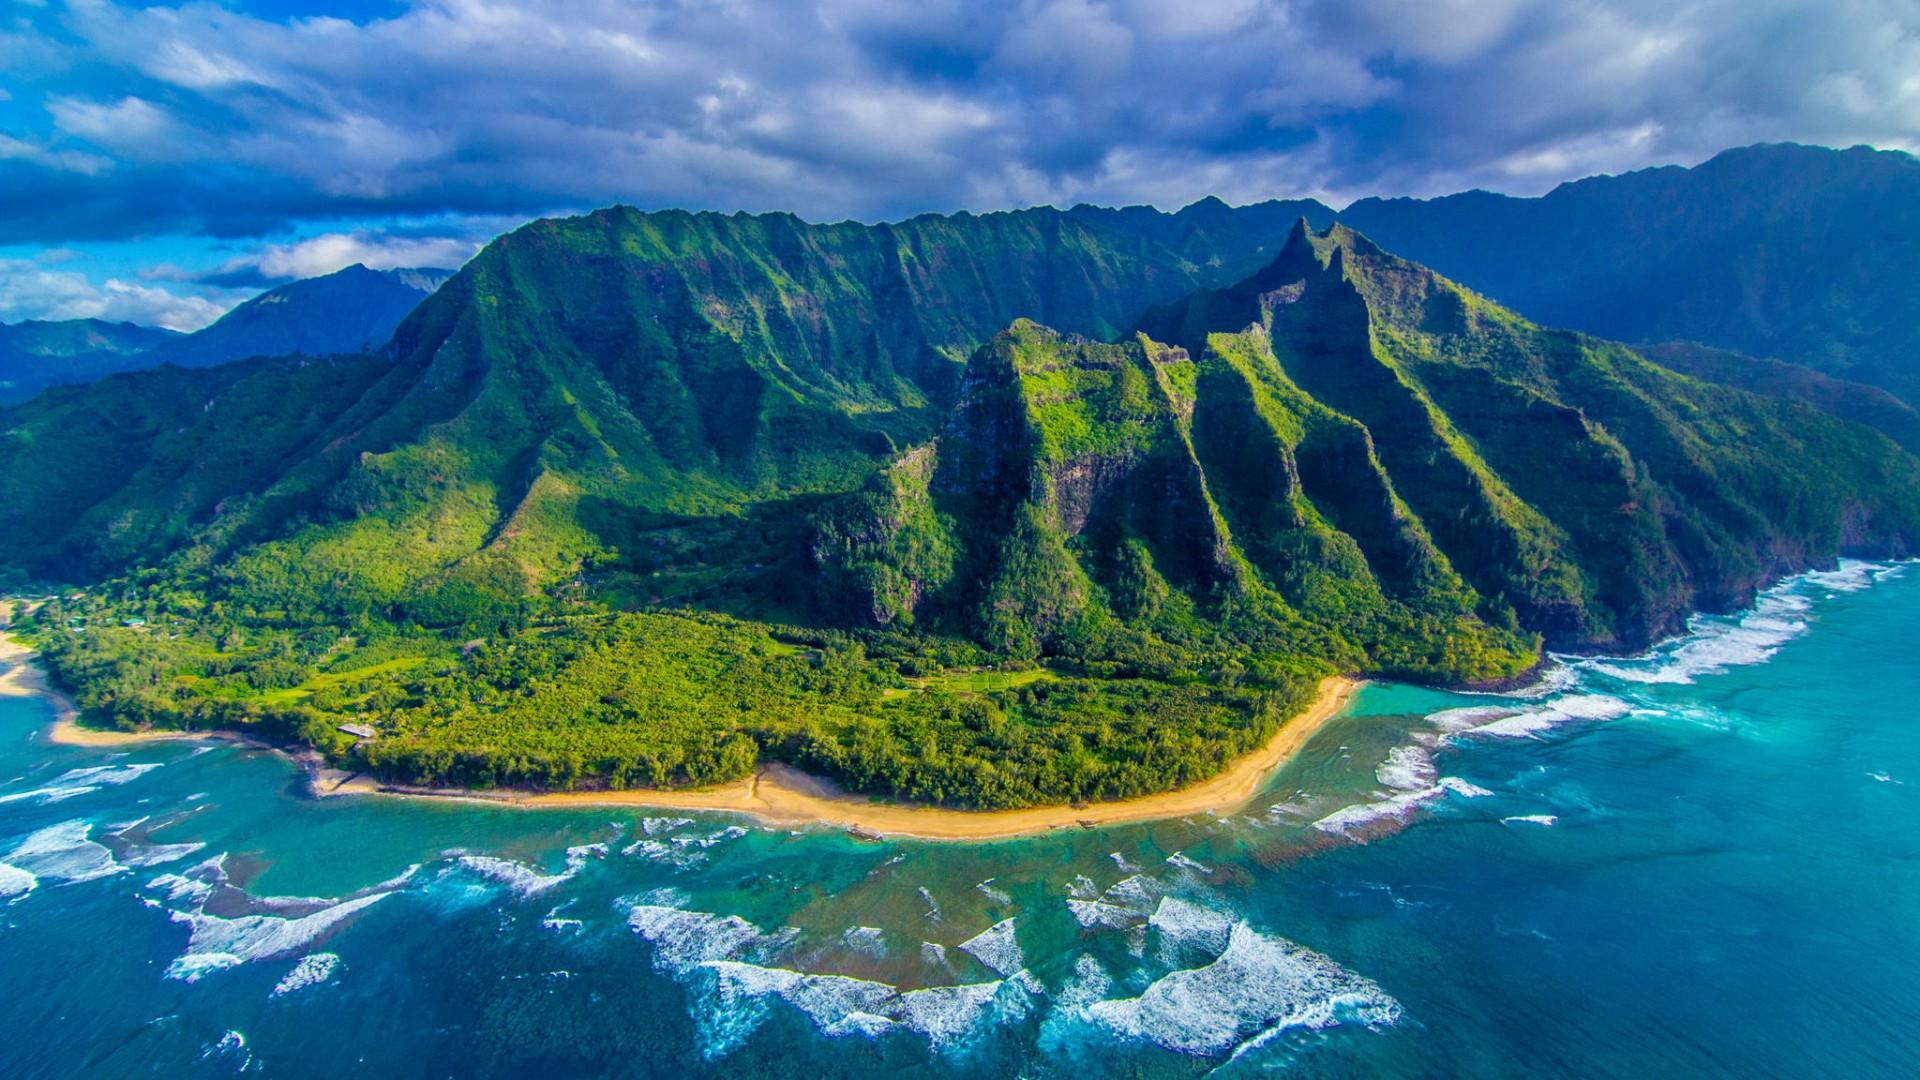 Nā Pali Coast State Park - Hawaii wallpaper